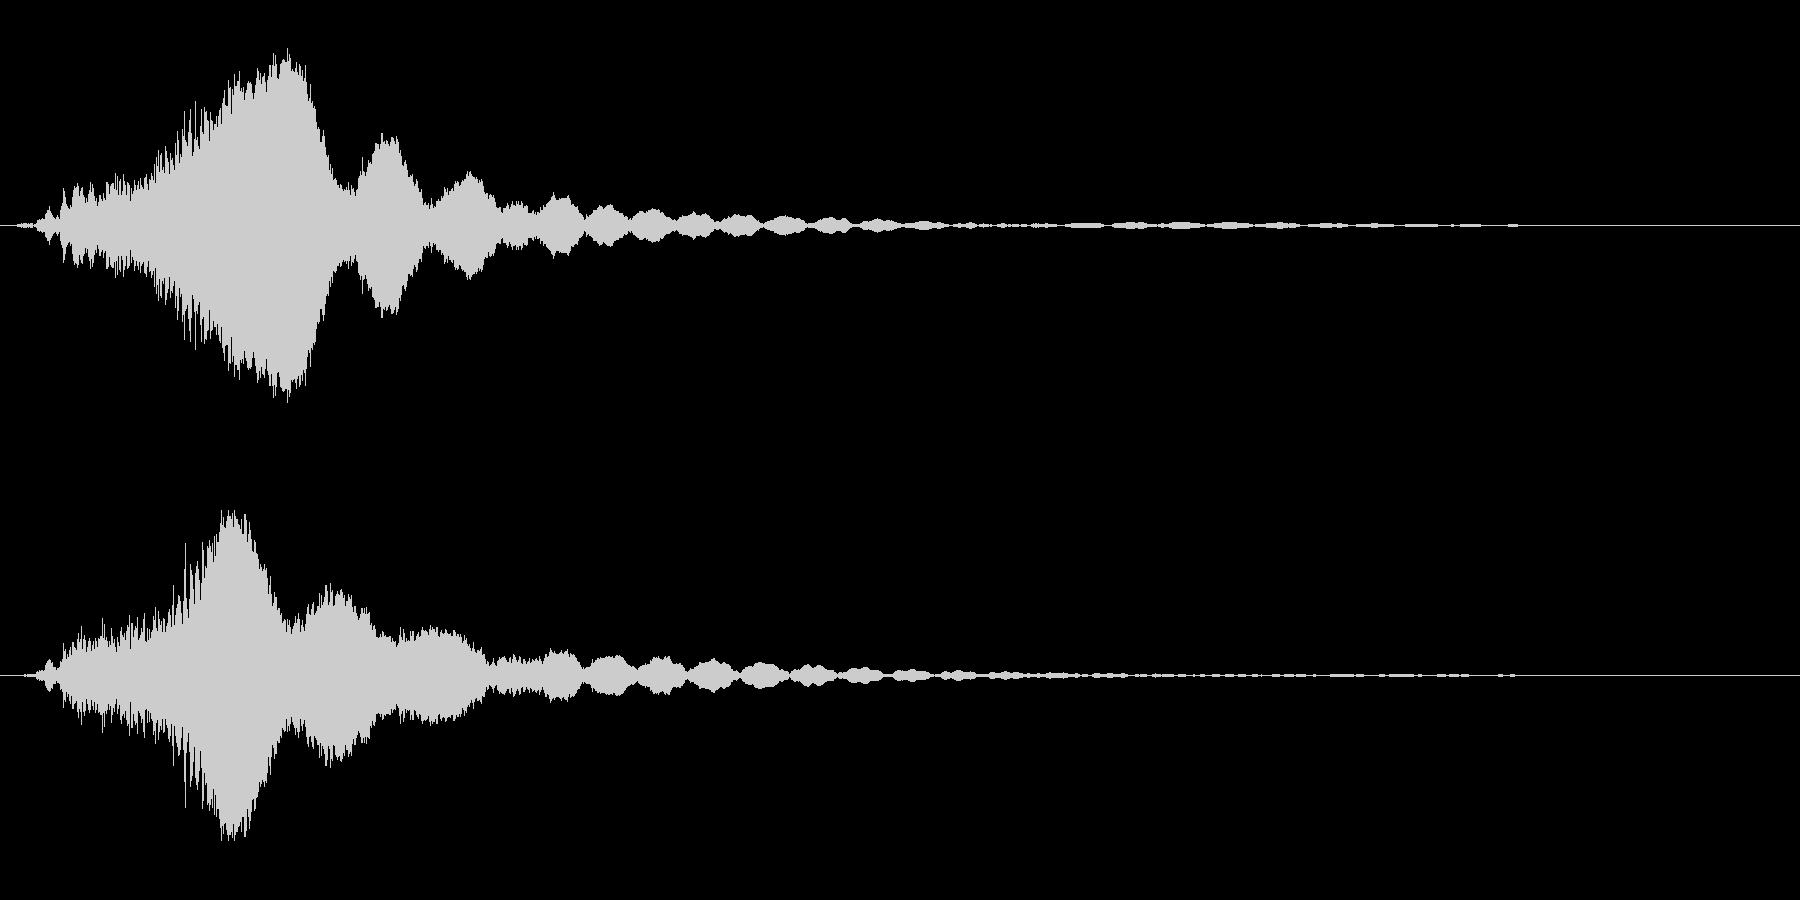 キラキラ☆ピキーン(星の輝き 魔法)10の未再生の波形